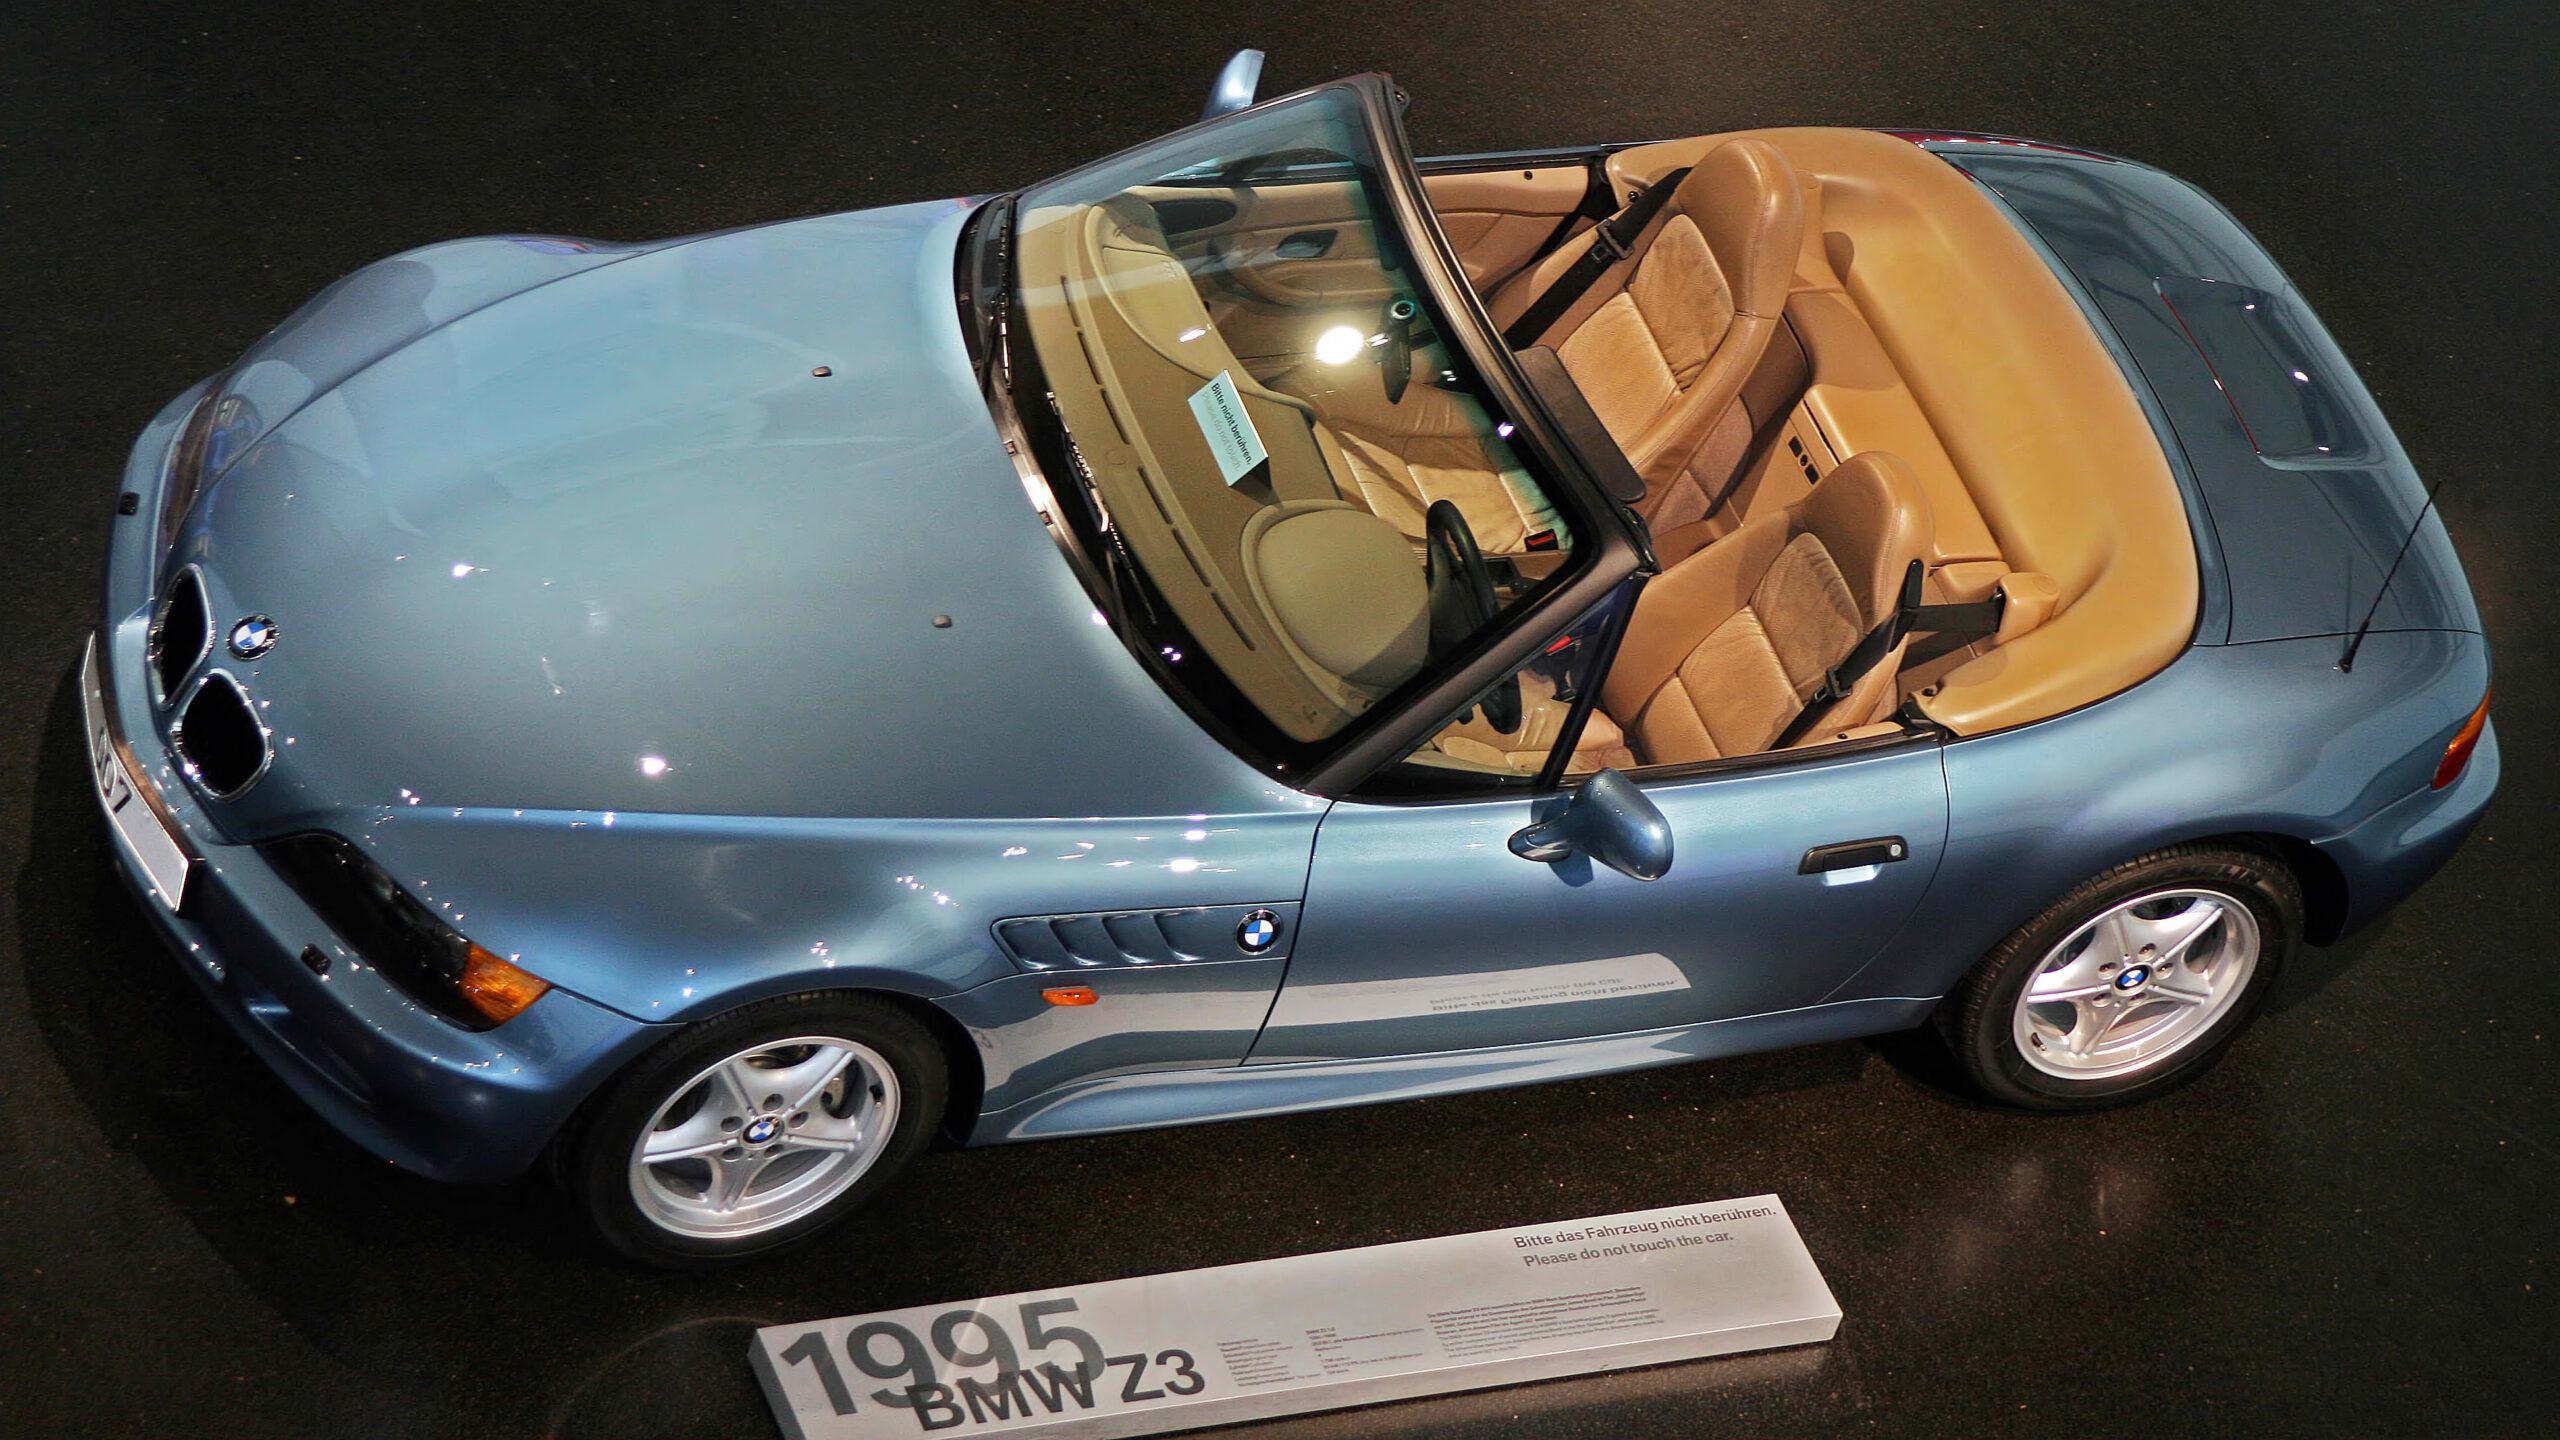 BMW Z3 James Bond Edition